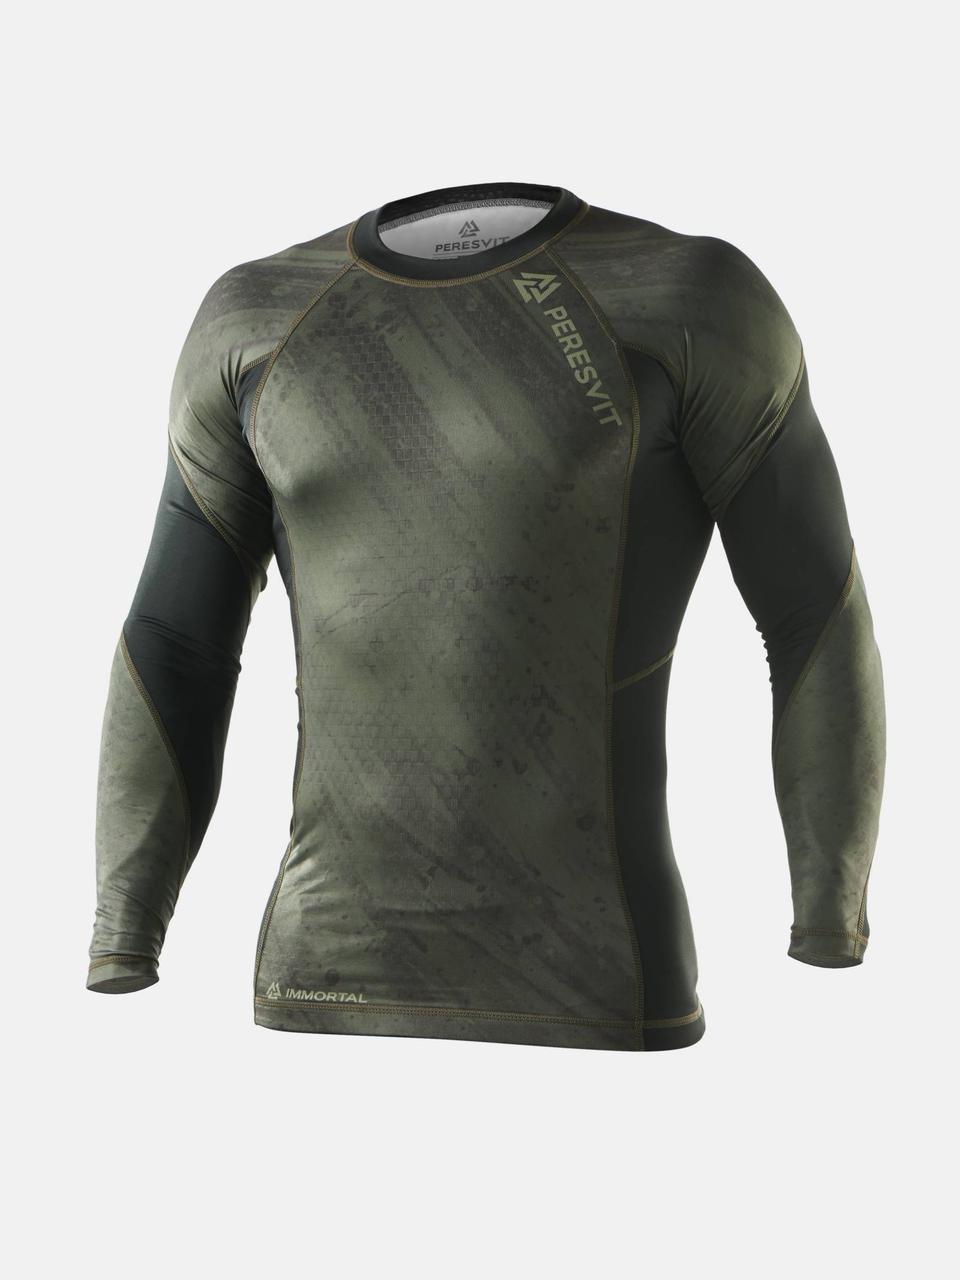 Рашгард Peresvit Immortal 2.0 Military Green Long Sleeve Rash Guard